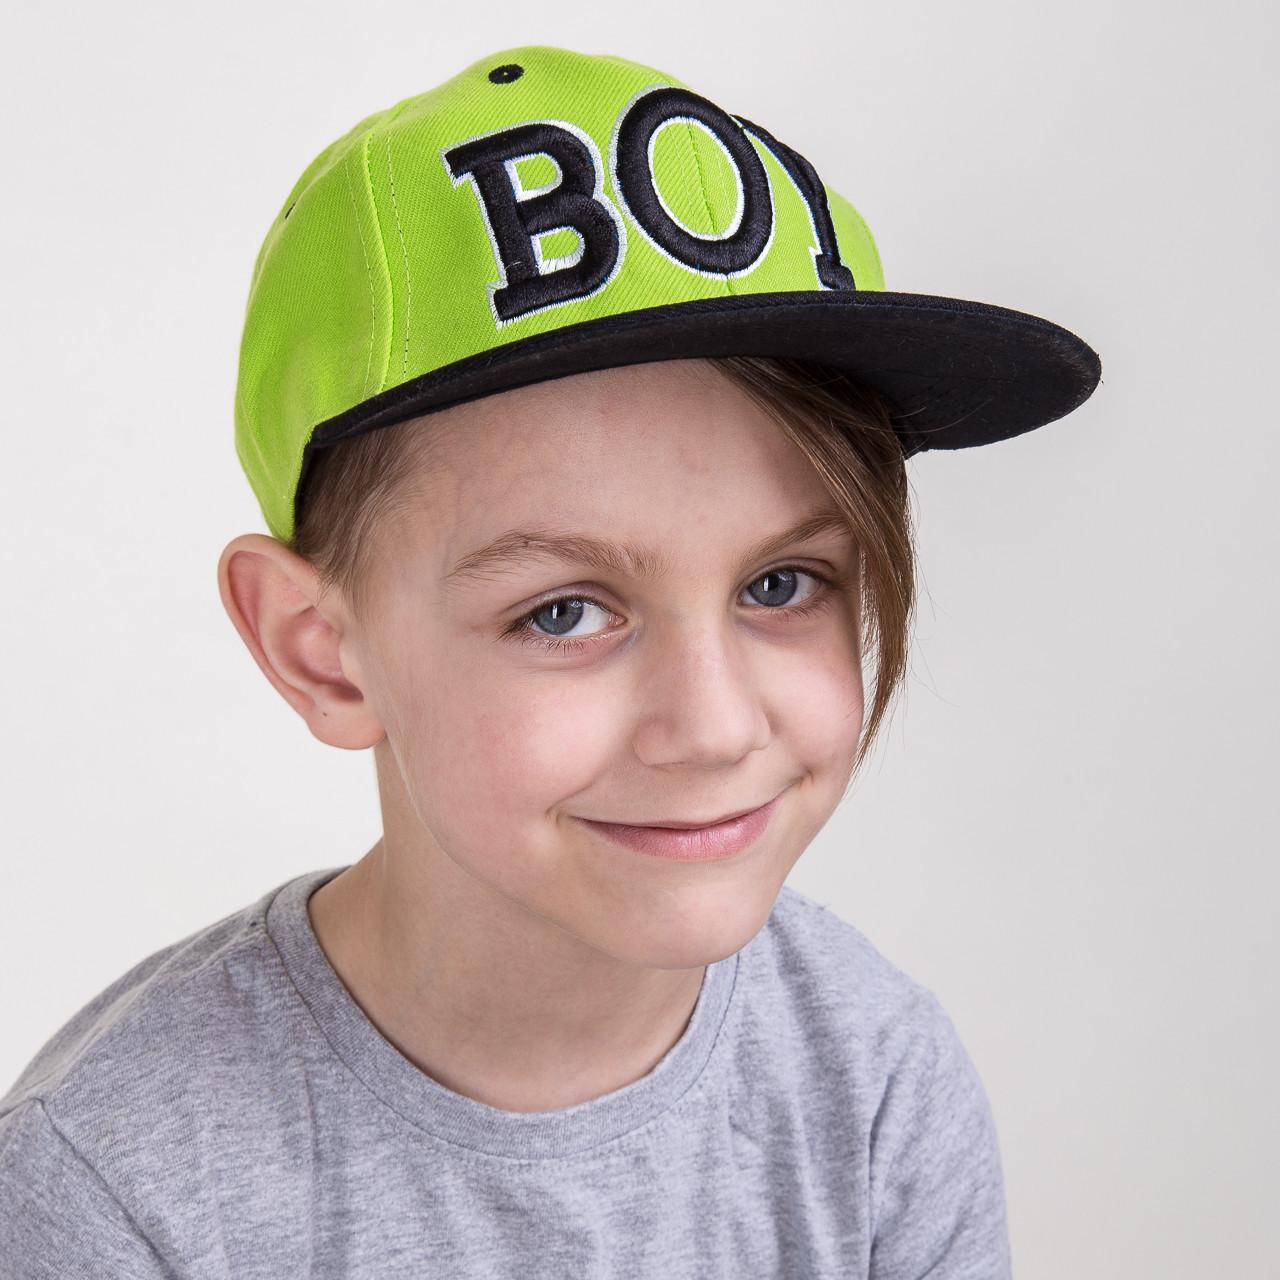 Кепка Snapback для мальчика от производителя - BOY - Б15